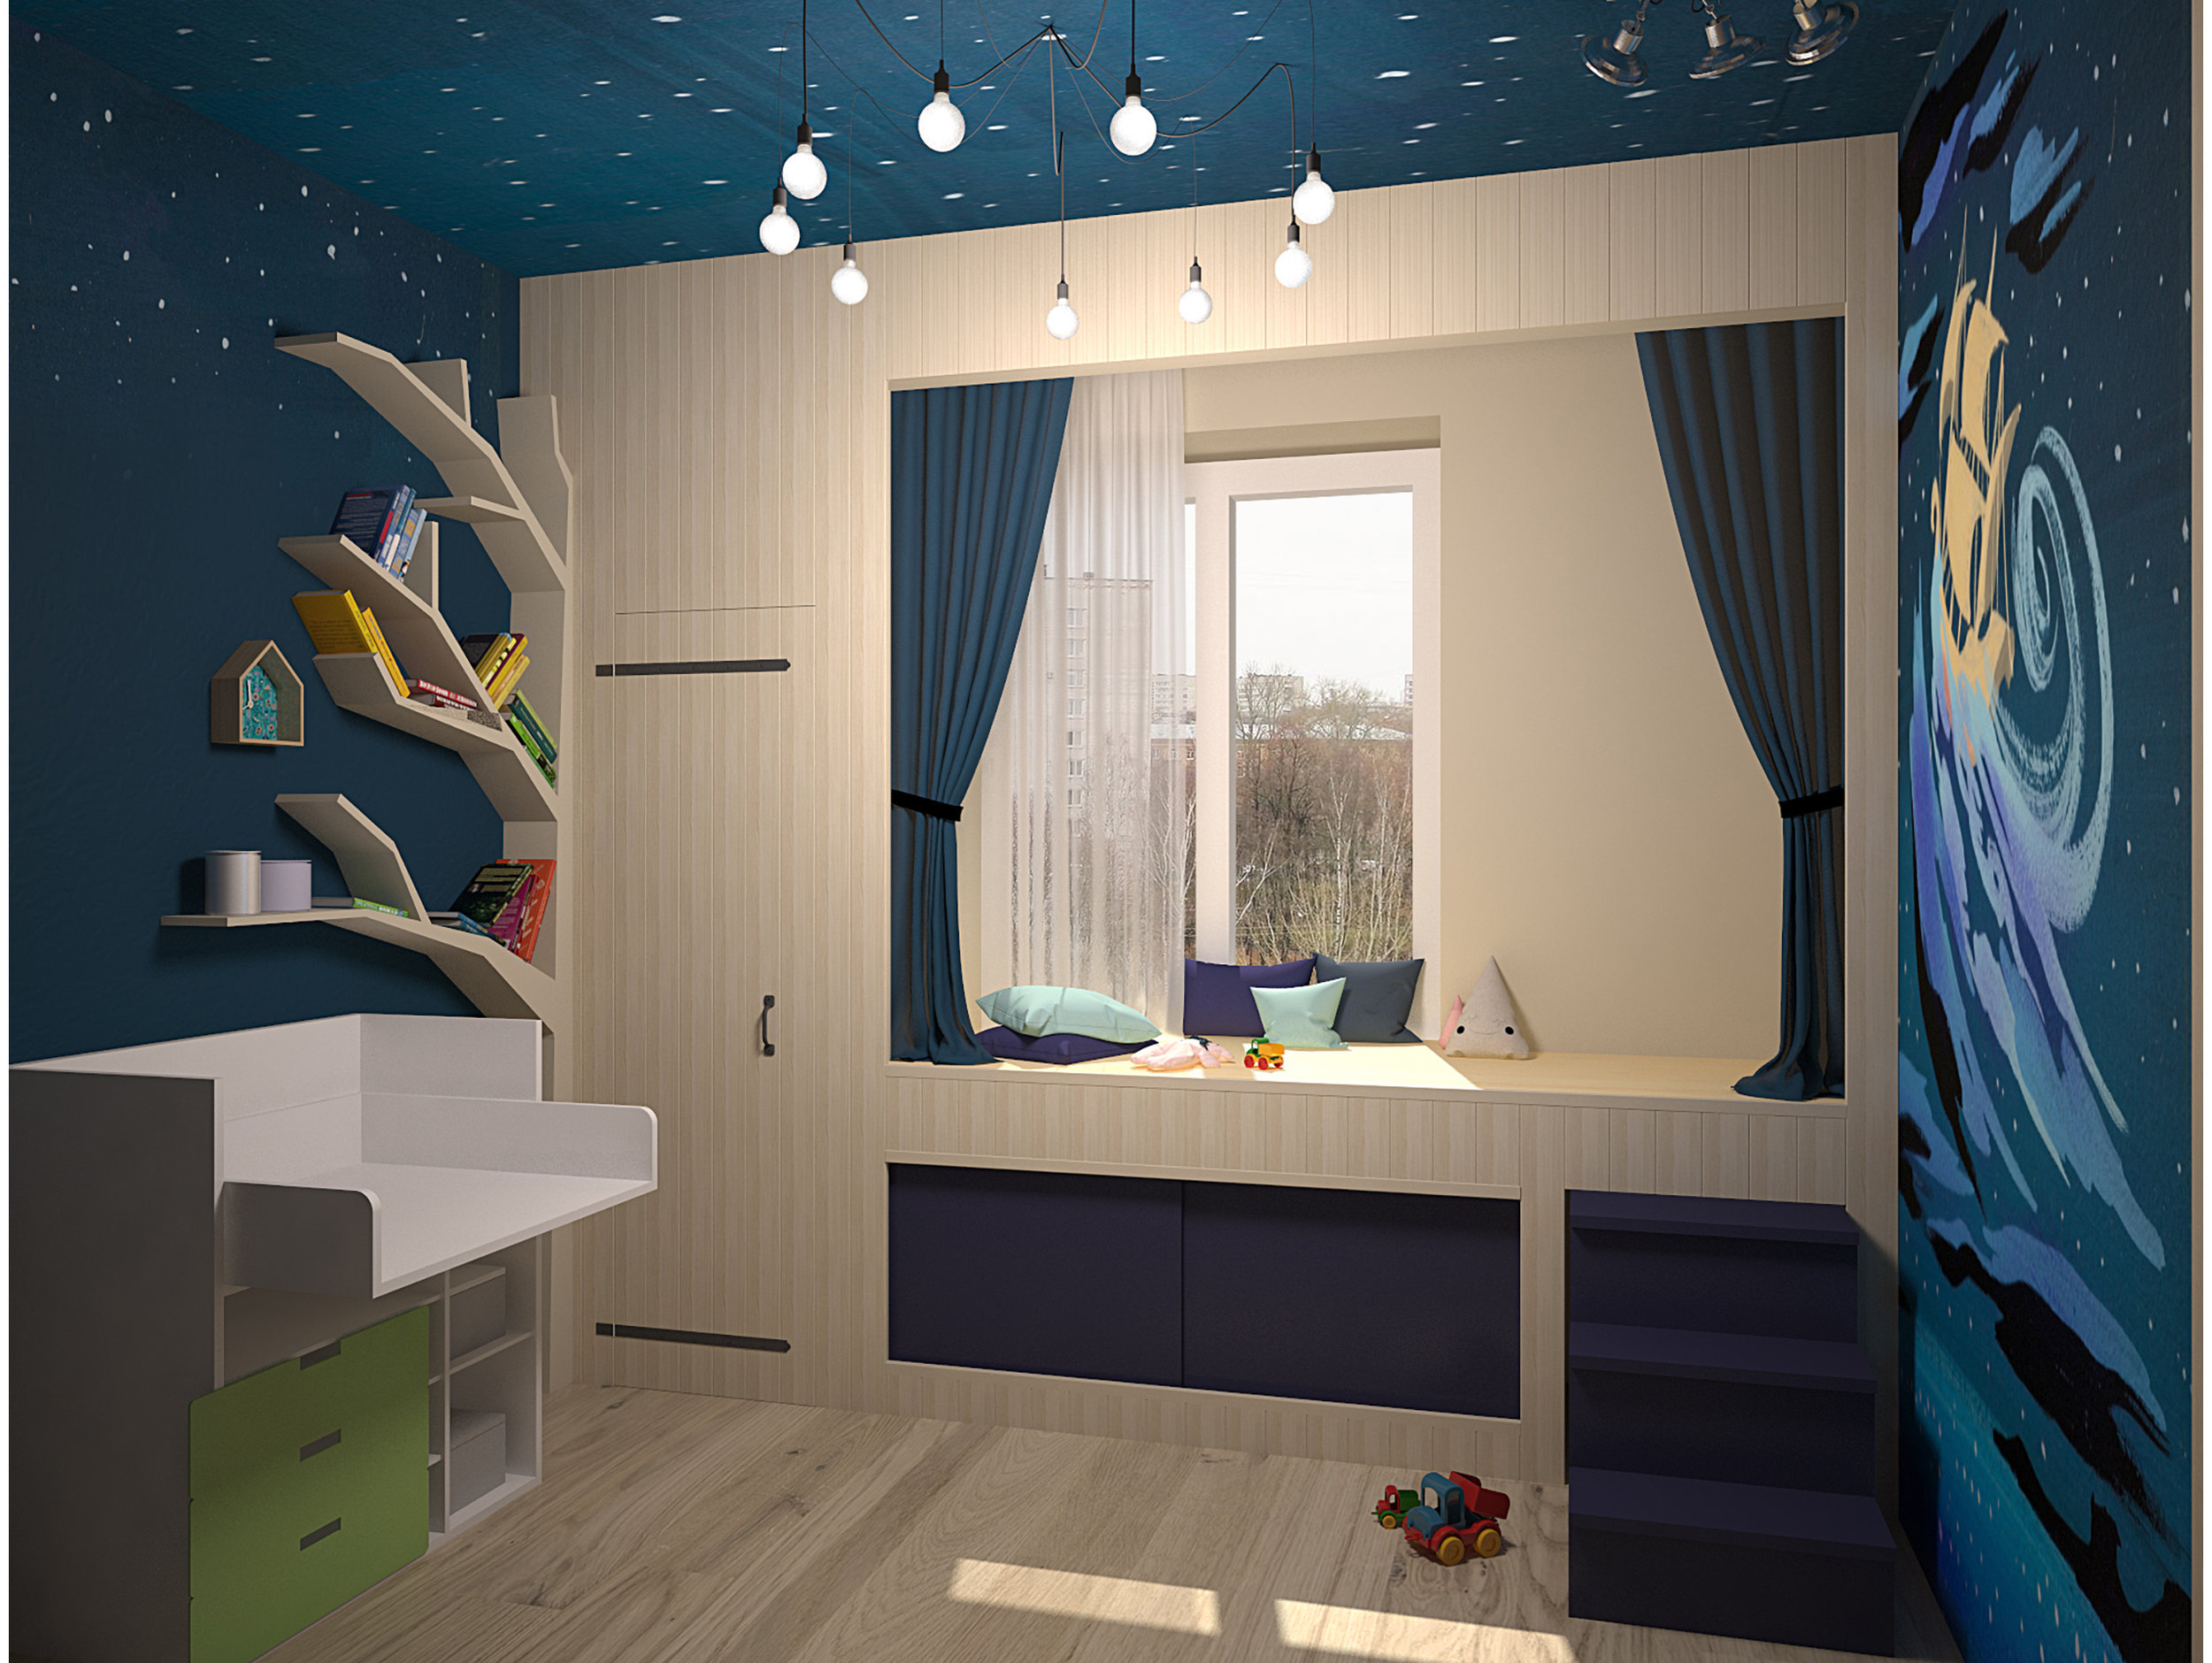 Boy bedroom interior